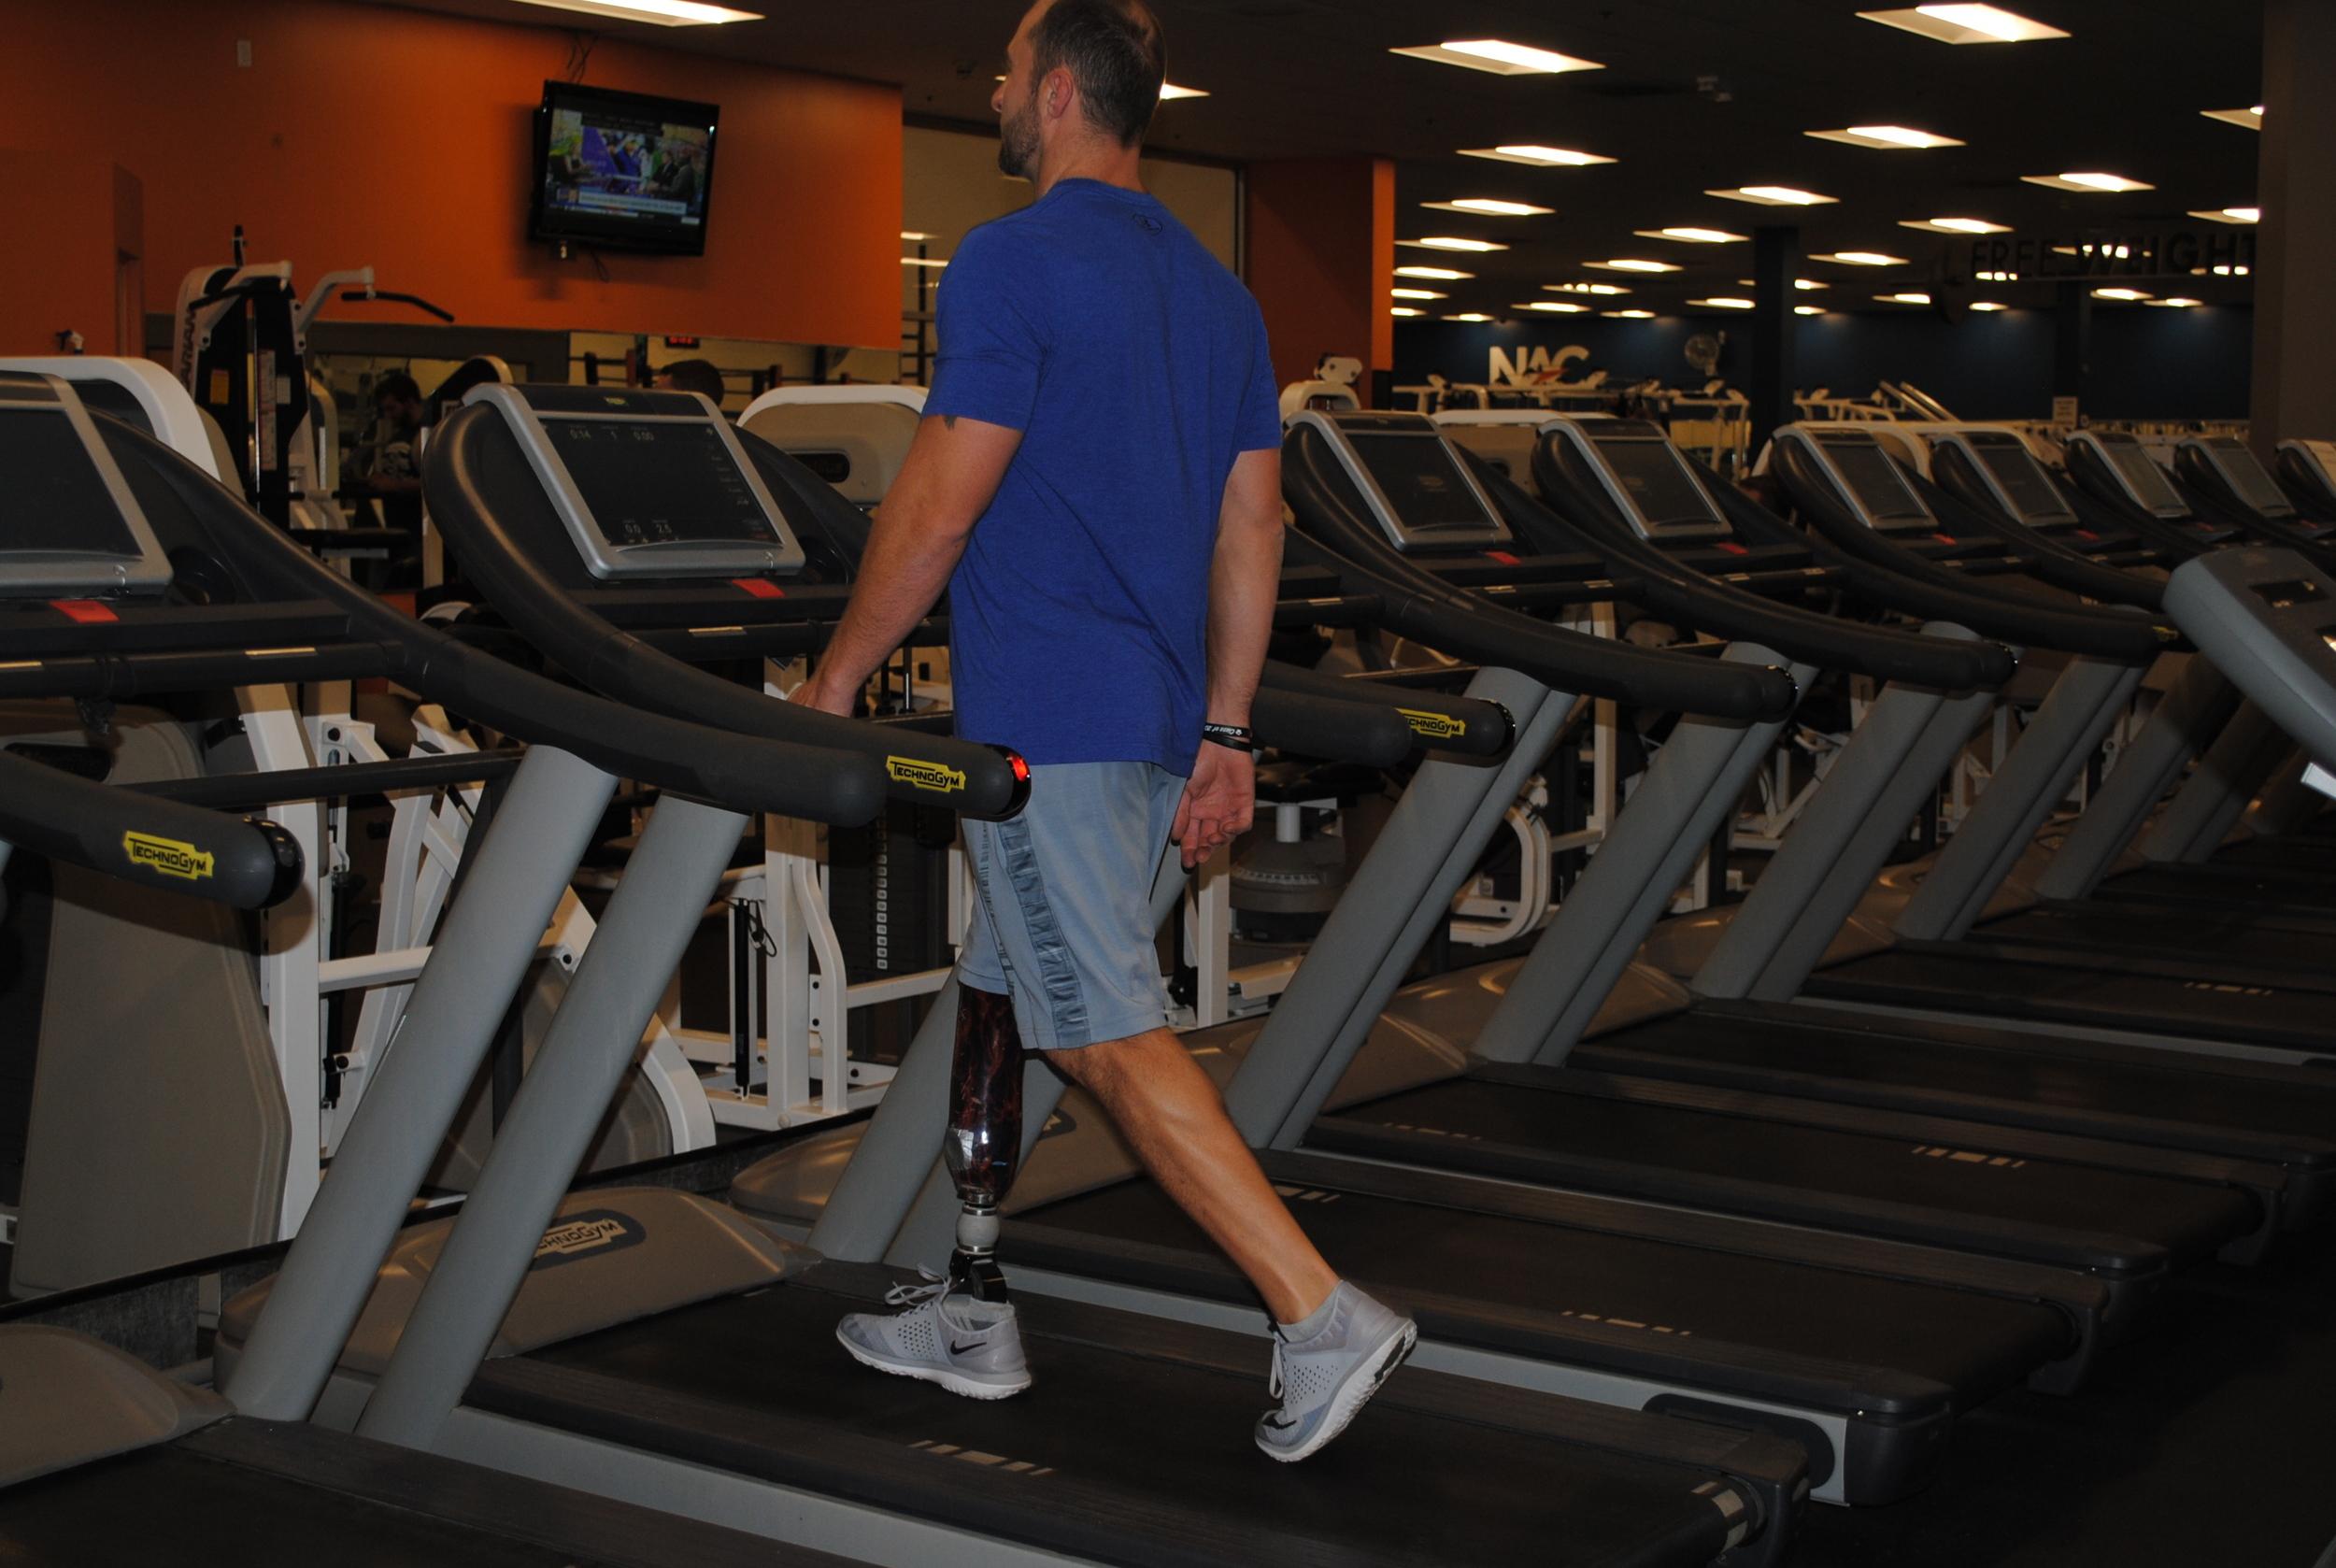 Treadmill Walking.JPG